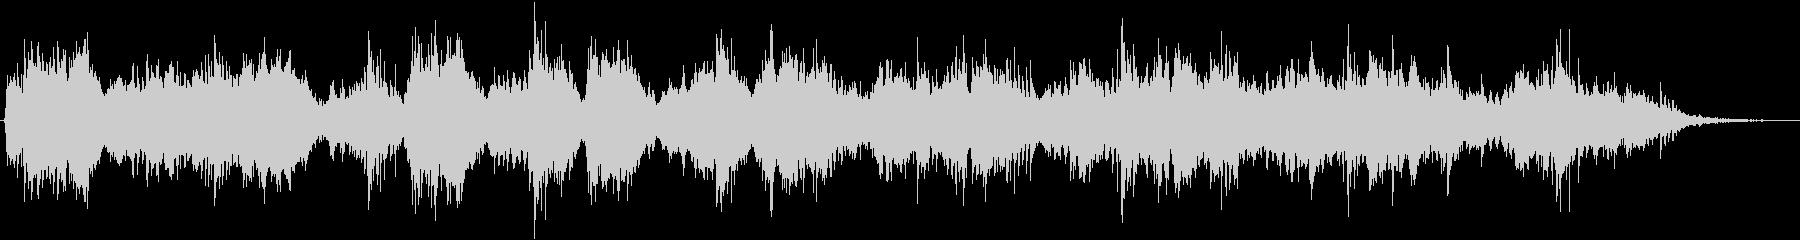 ドラマチックピアノストリングハイス...の未再生の波形